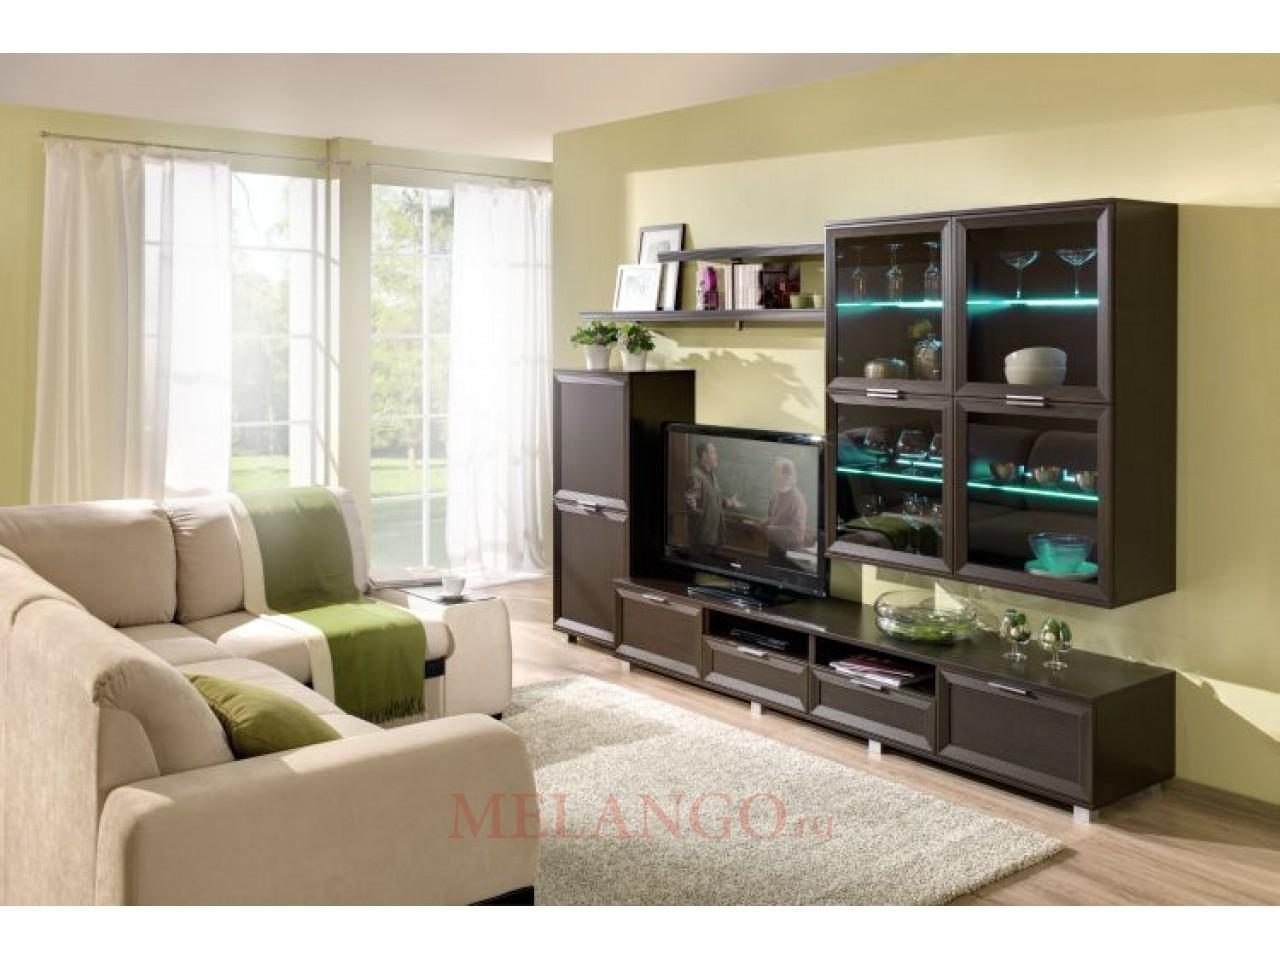 модульная мебель для гостиной бона 2 в москве